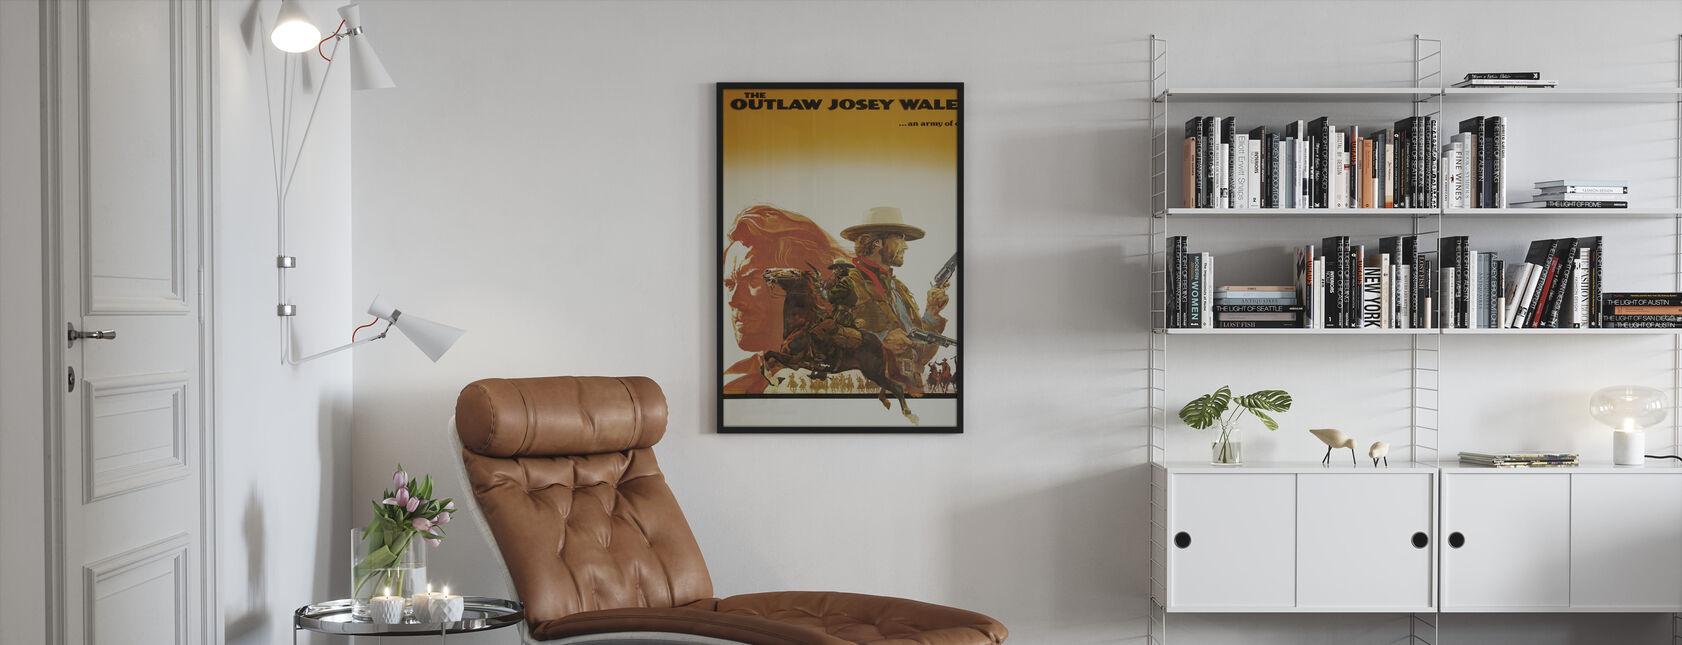 Hors-la-loi Josey Wales - Impression encadree - Salle à manger